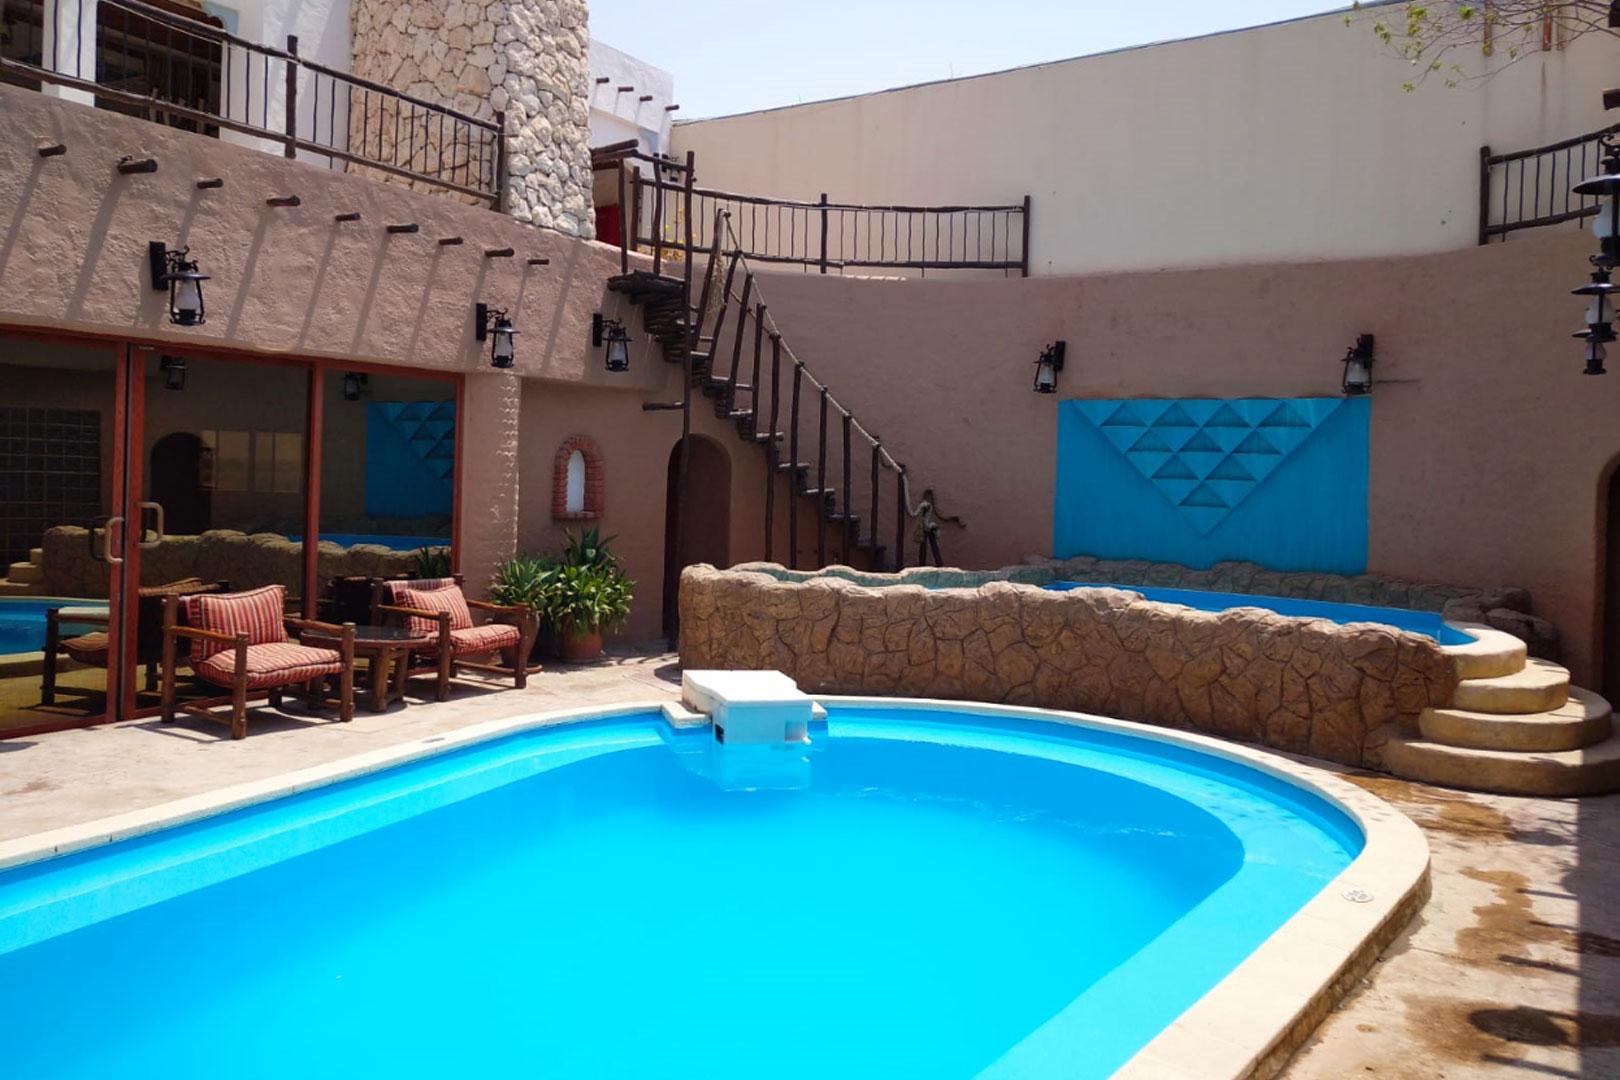 http://alliwansuites.com.qa/suites/wp-content/uploads/2020/09/pool_2.jpg